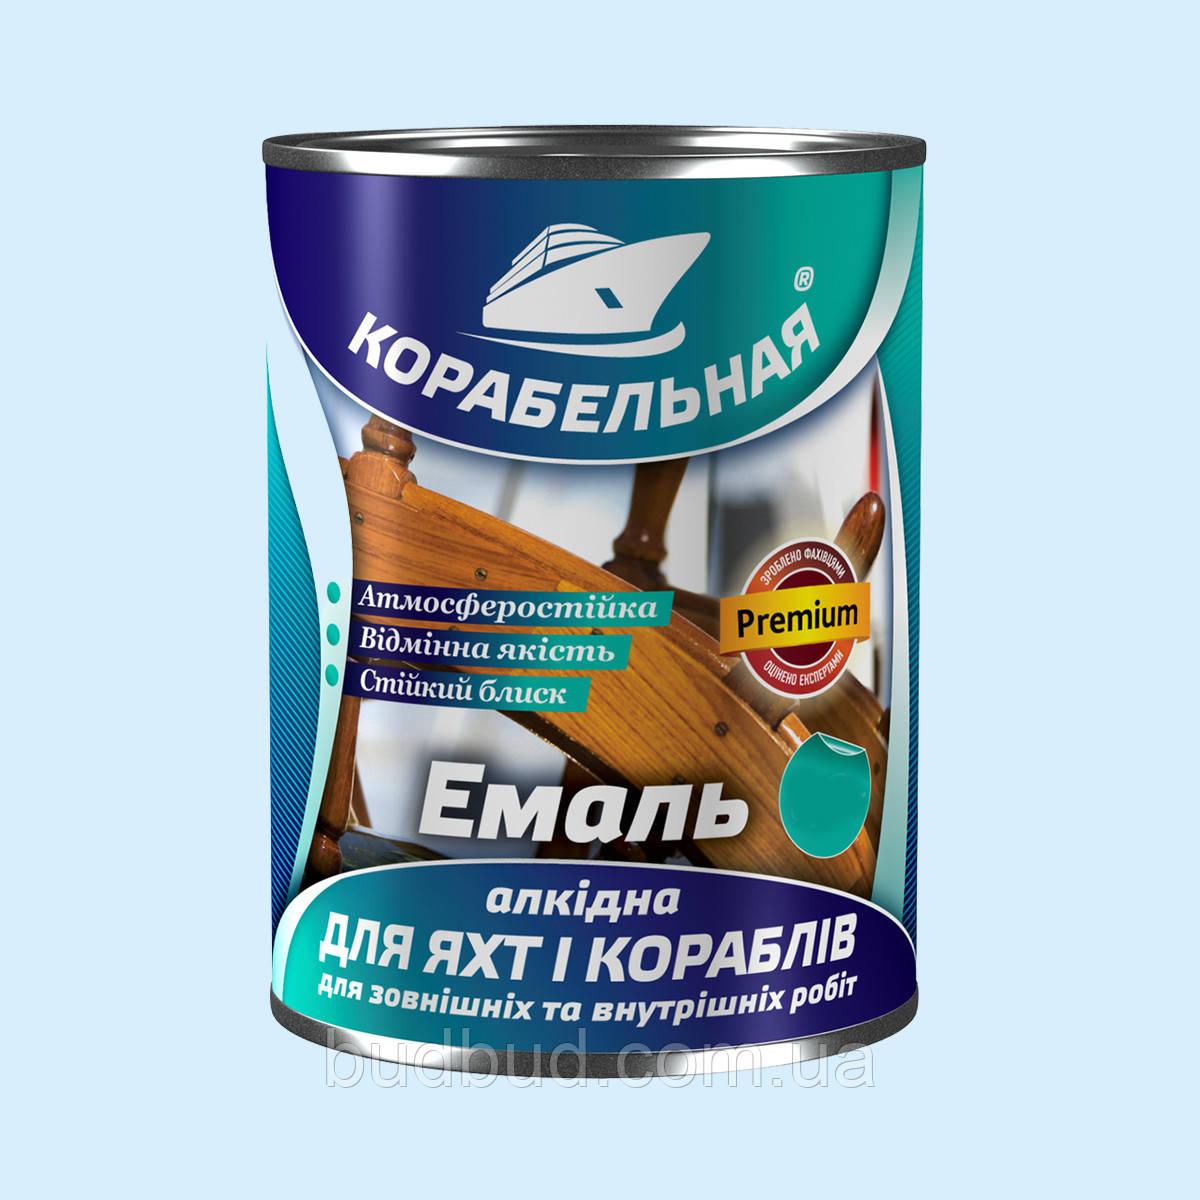 Эмаль алкидная оранжевая Polycolor (Поликолор) Корабельная 0.9 кг